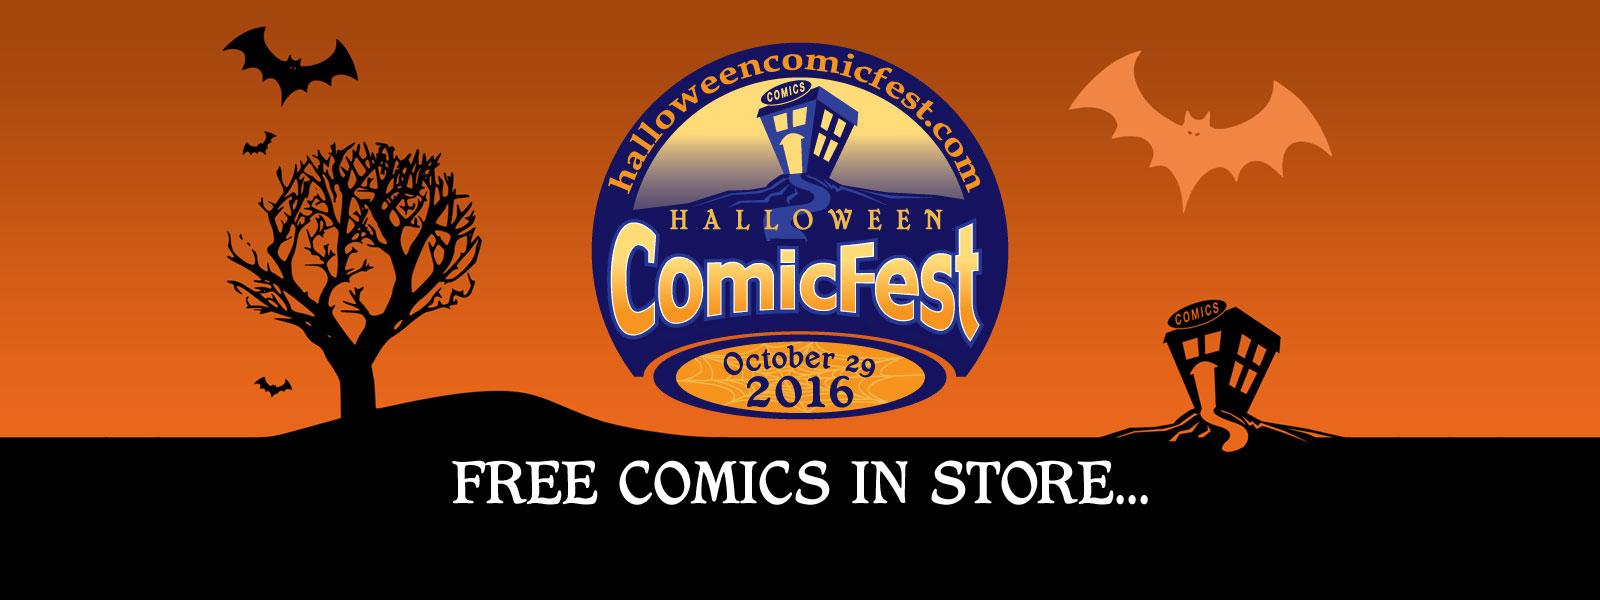 Halloween Comicfest 2016